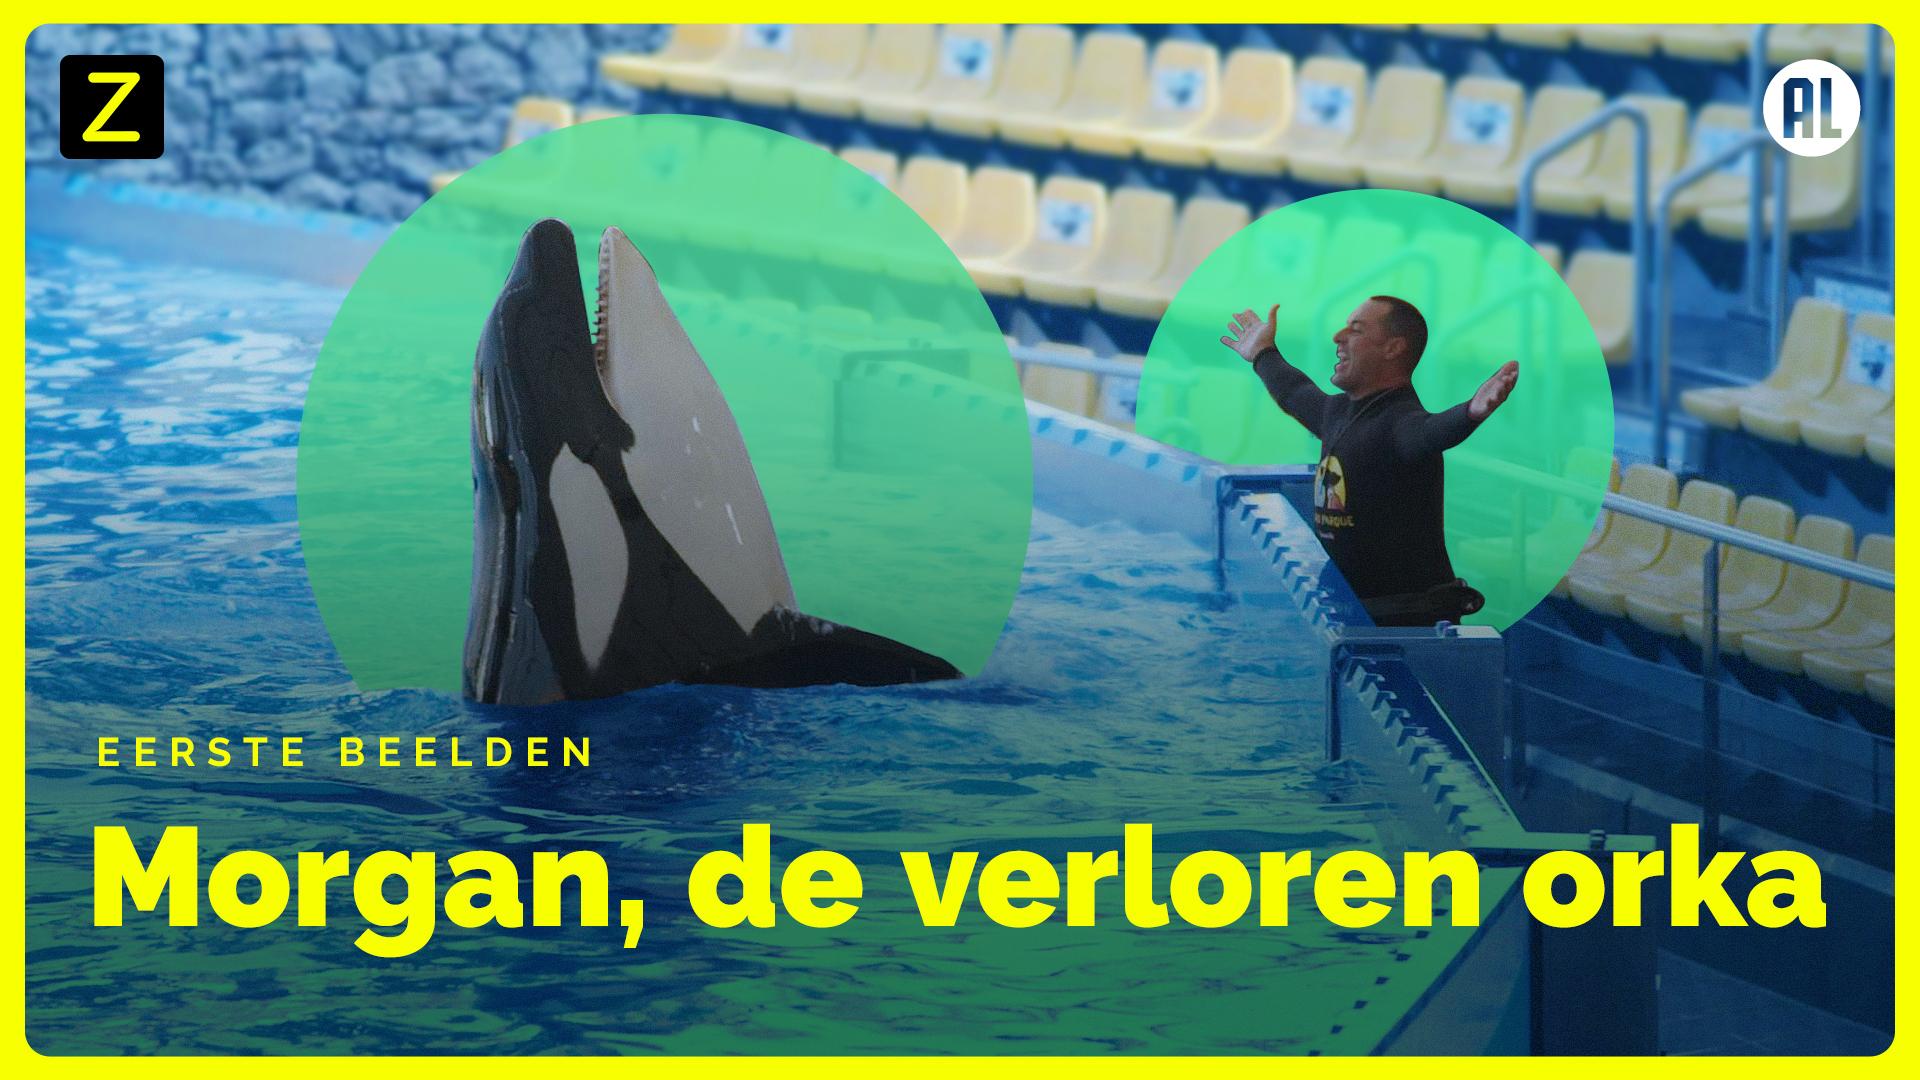 Morgan, de verloren orka - eerste beelden